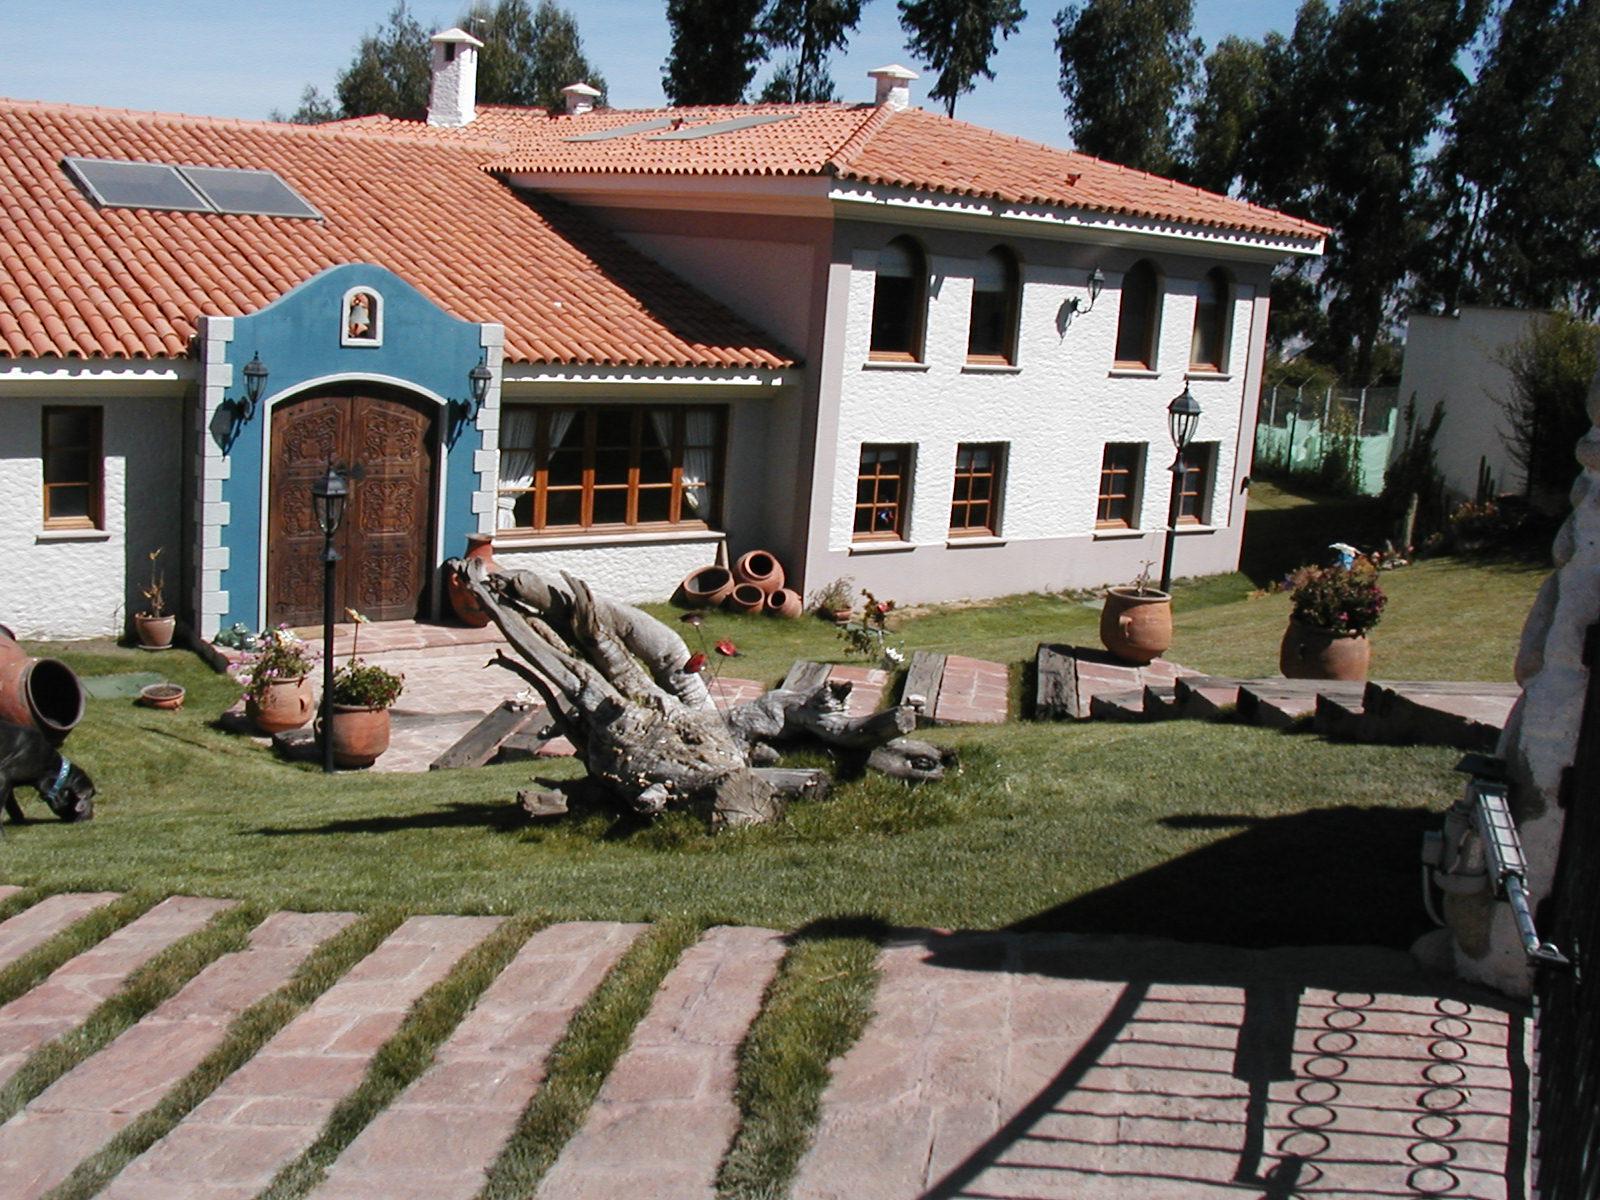 Venda casa de campo la paz la paz bol via achumani for Casas minimalistas la paz bolivia